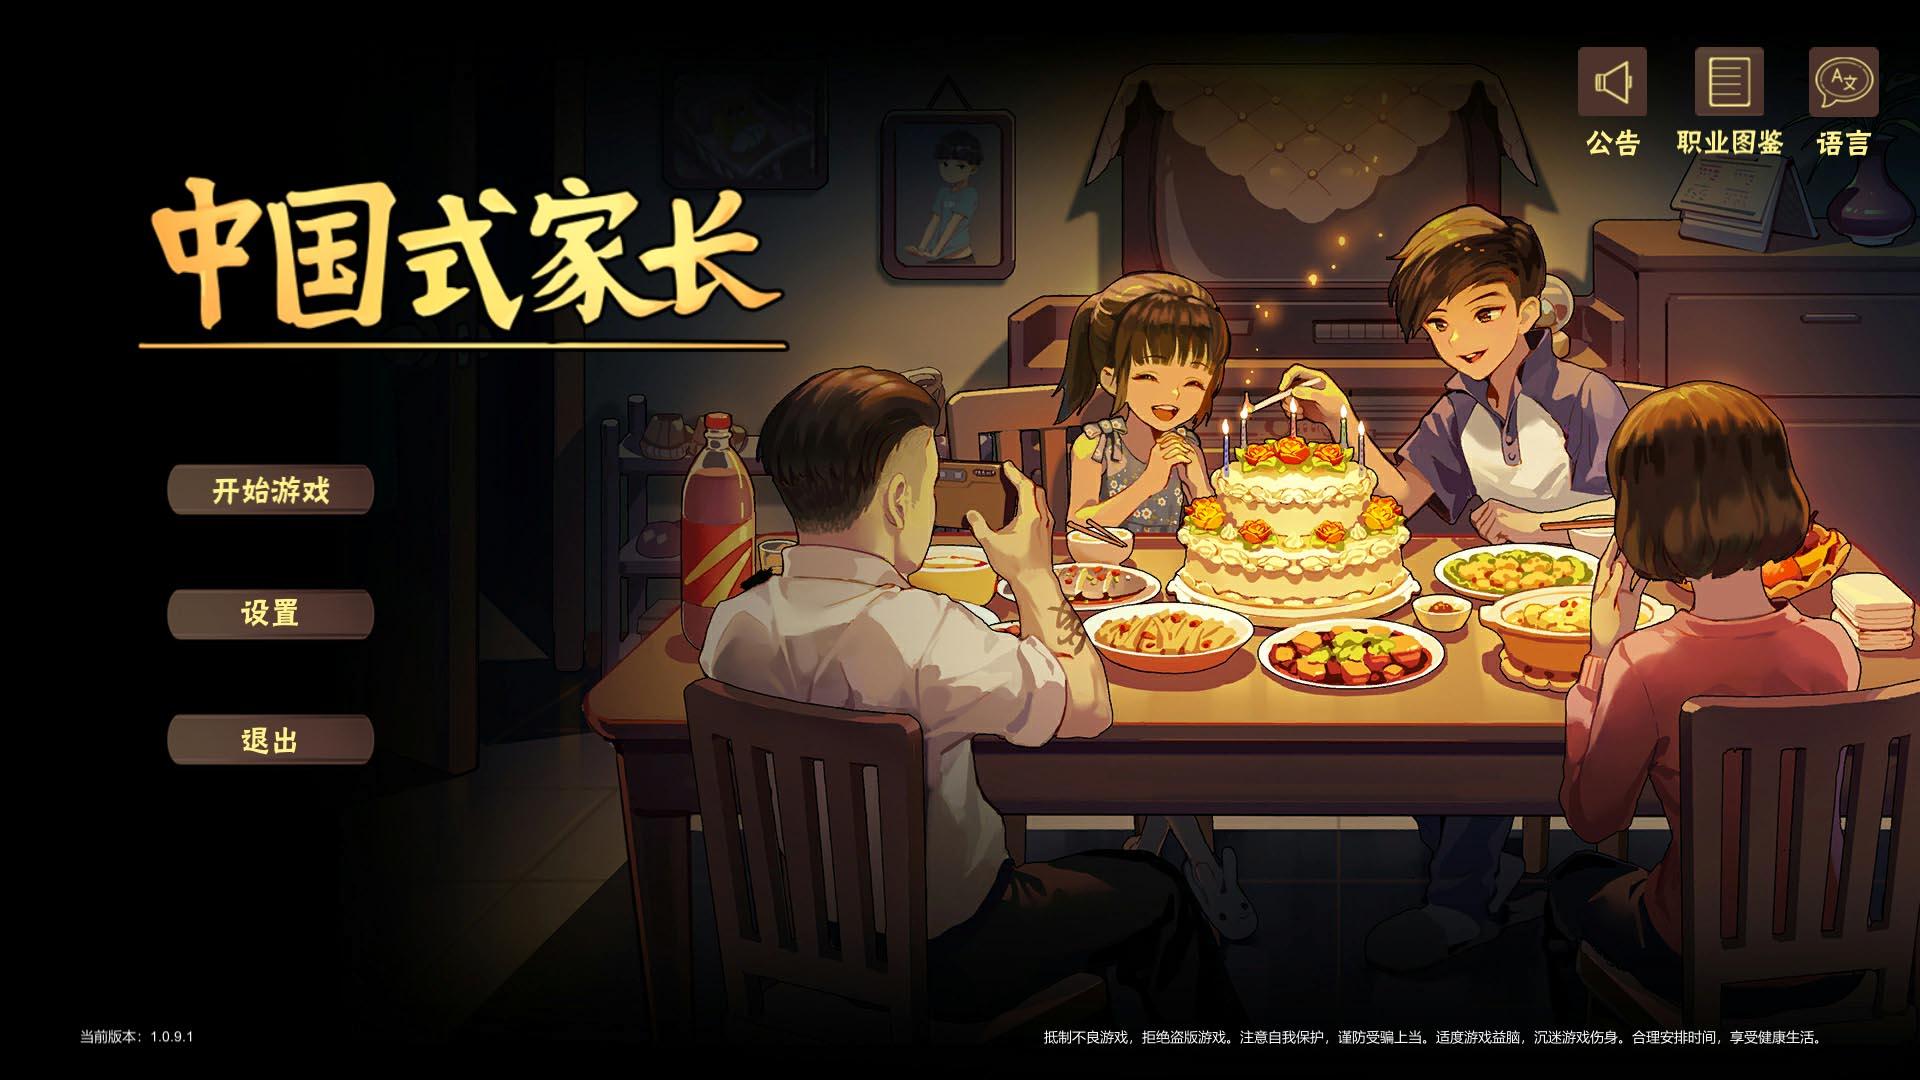 中国式家长女儿版 v1.0.9.1中文免安装版